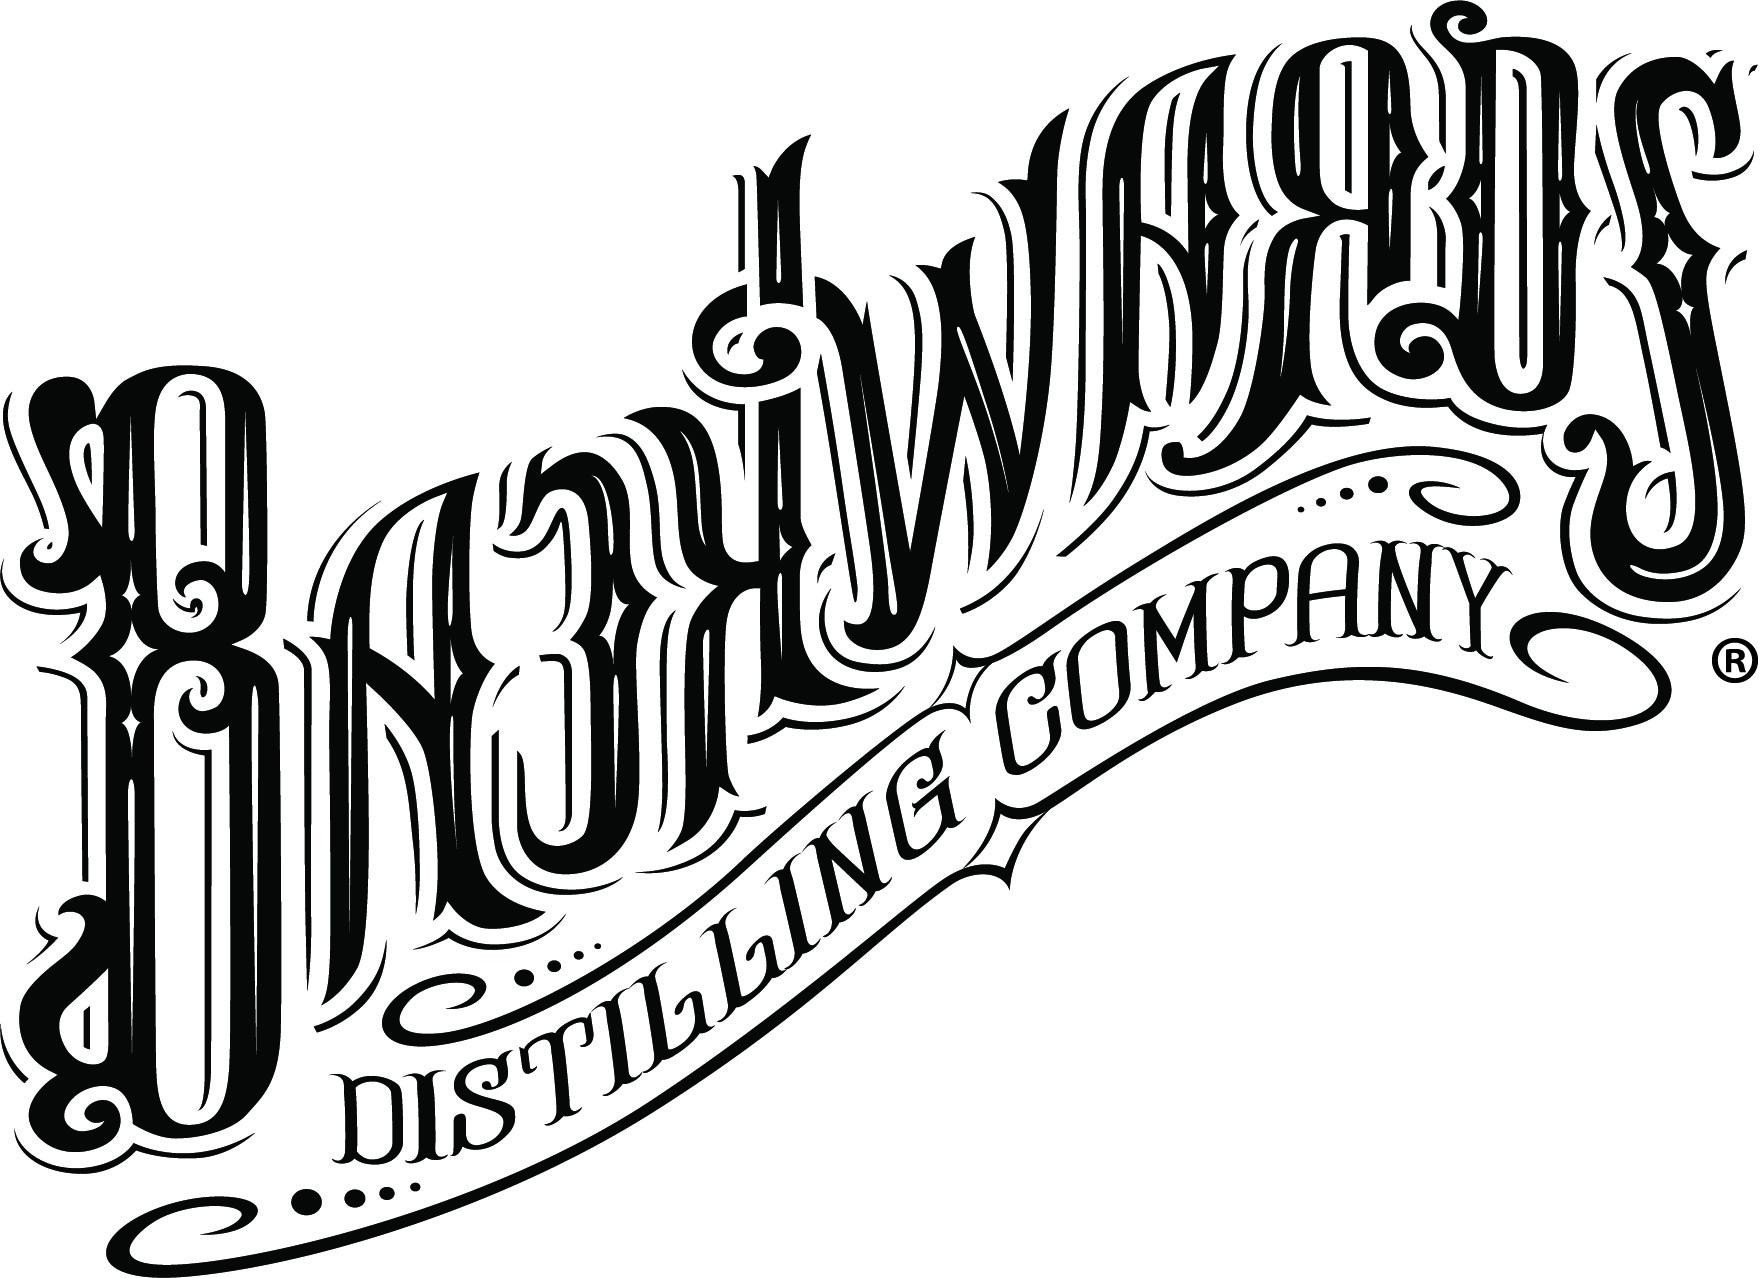 BACKWARDS distillery logo